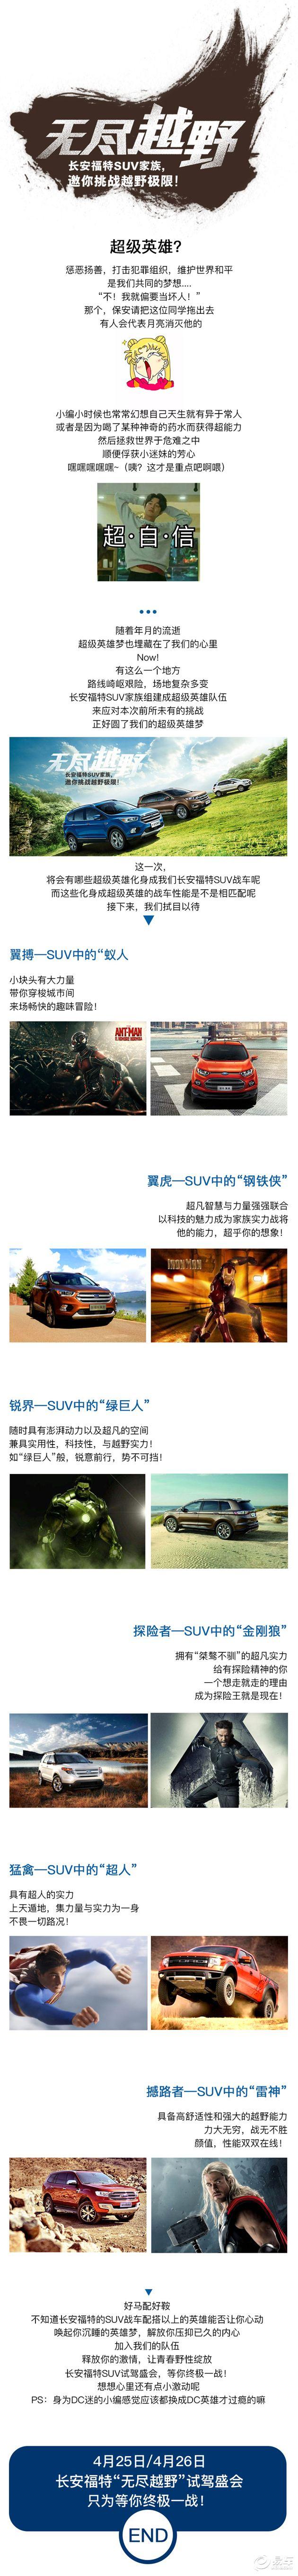 无尽越野,长安福特SUV家族邀你挑战越野极限!